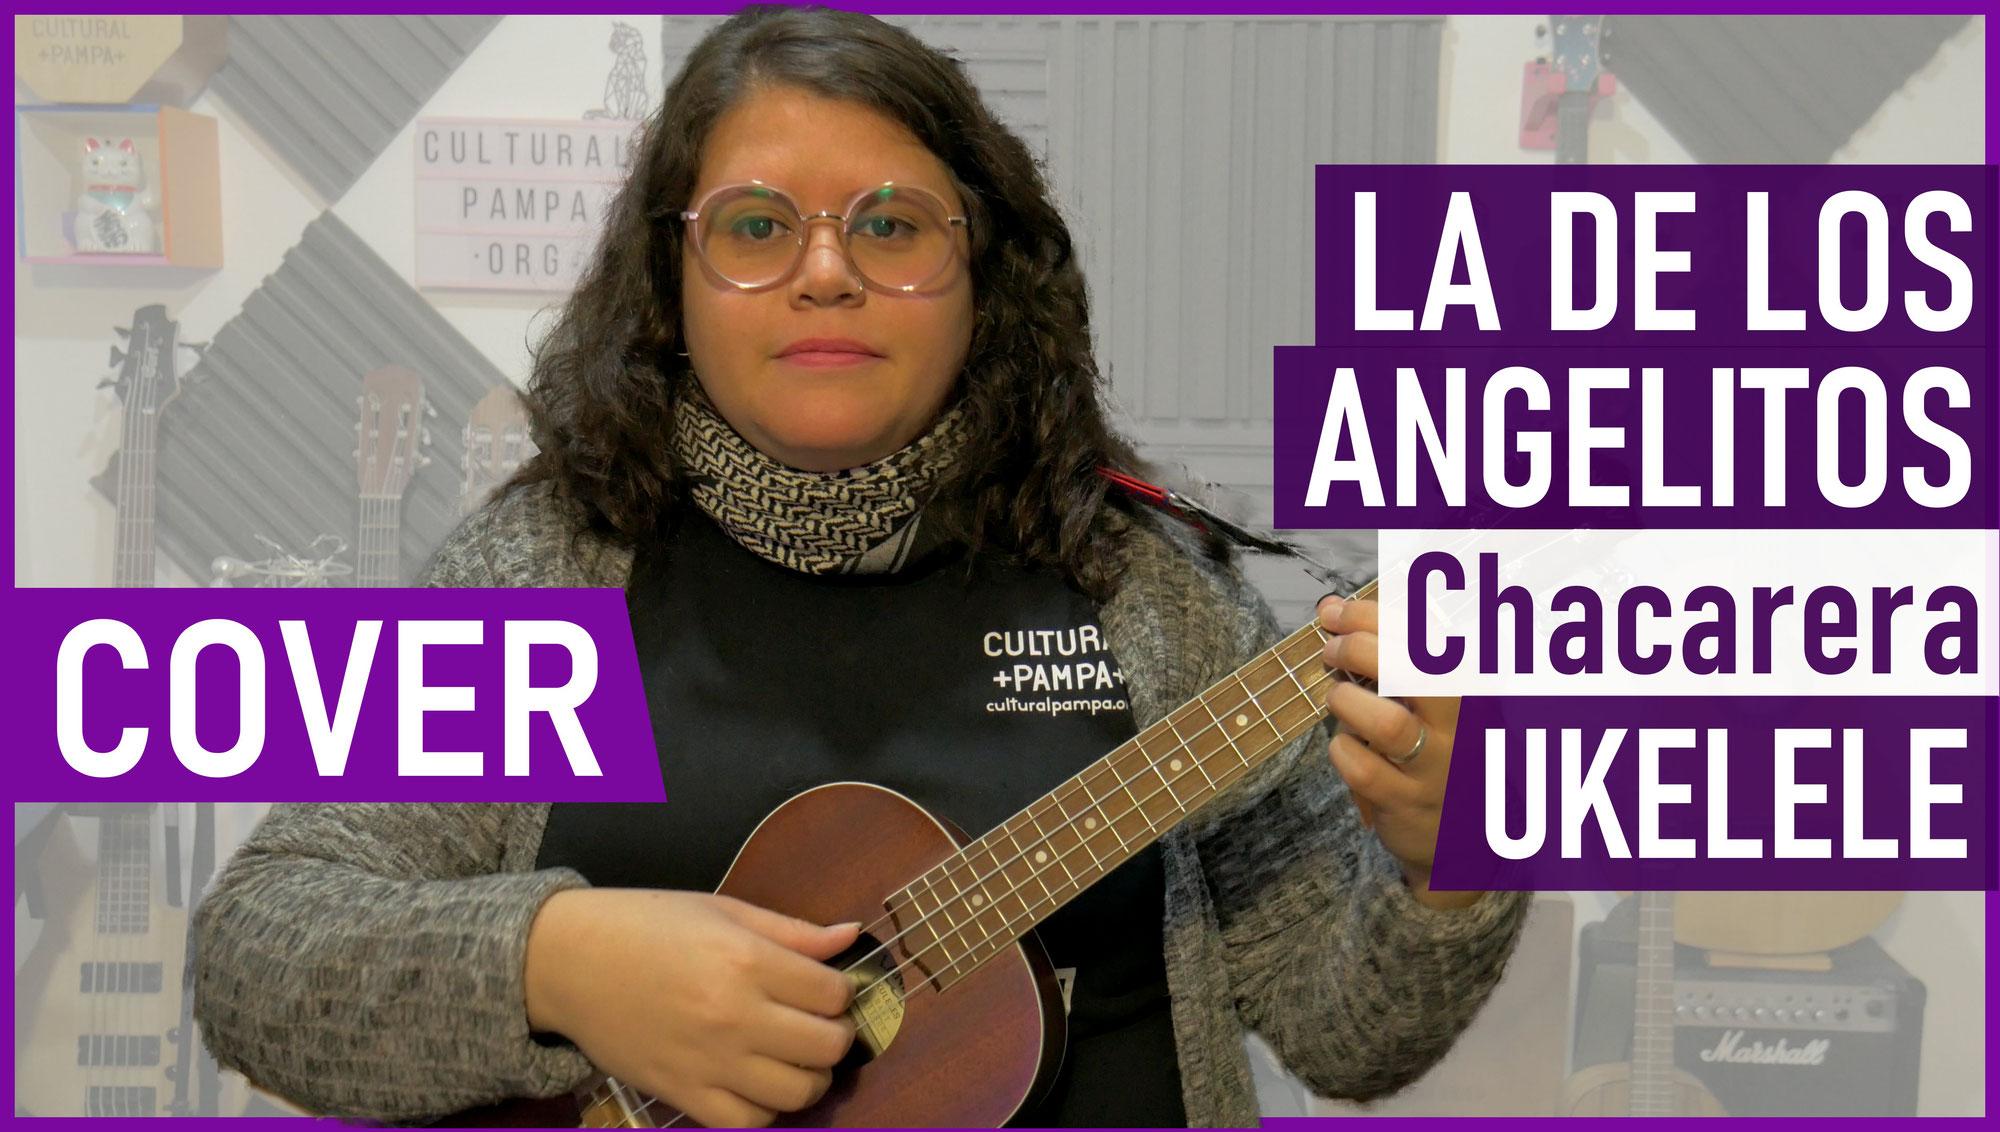 La De Los Angelitos (Diaz - Abalos) Chacarera | Ukelele Cover